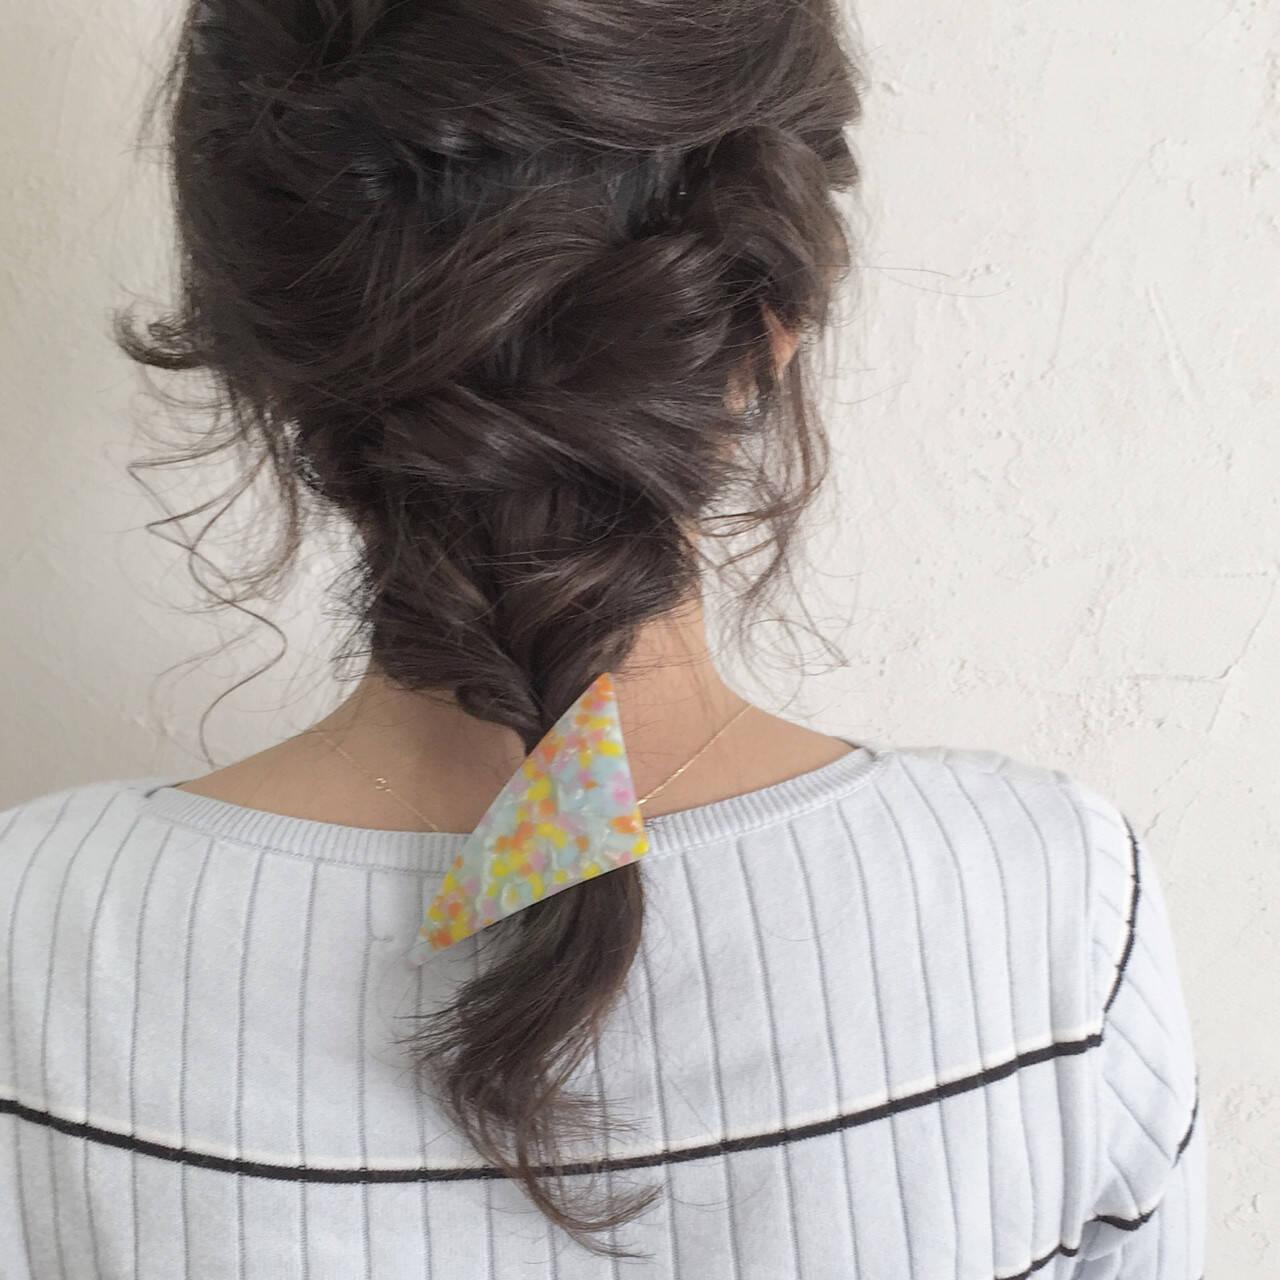 セミロング ヘアアレンジ アッシュ 暗髪ヘアスタイルや髪型の写真・画像